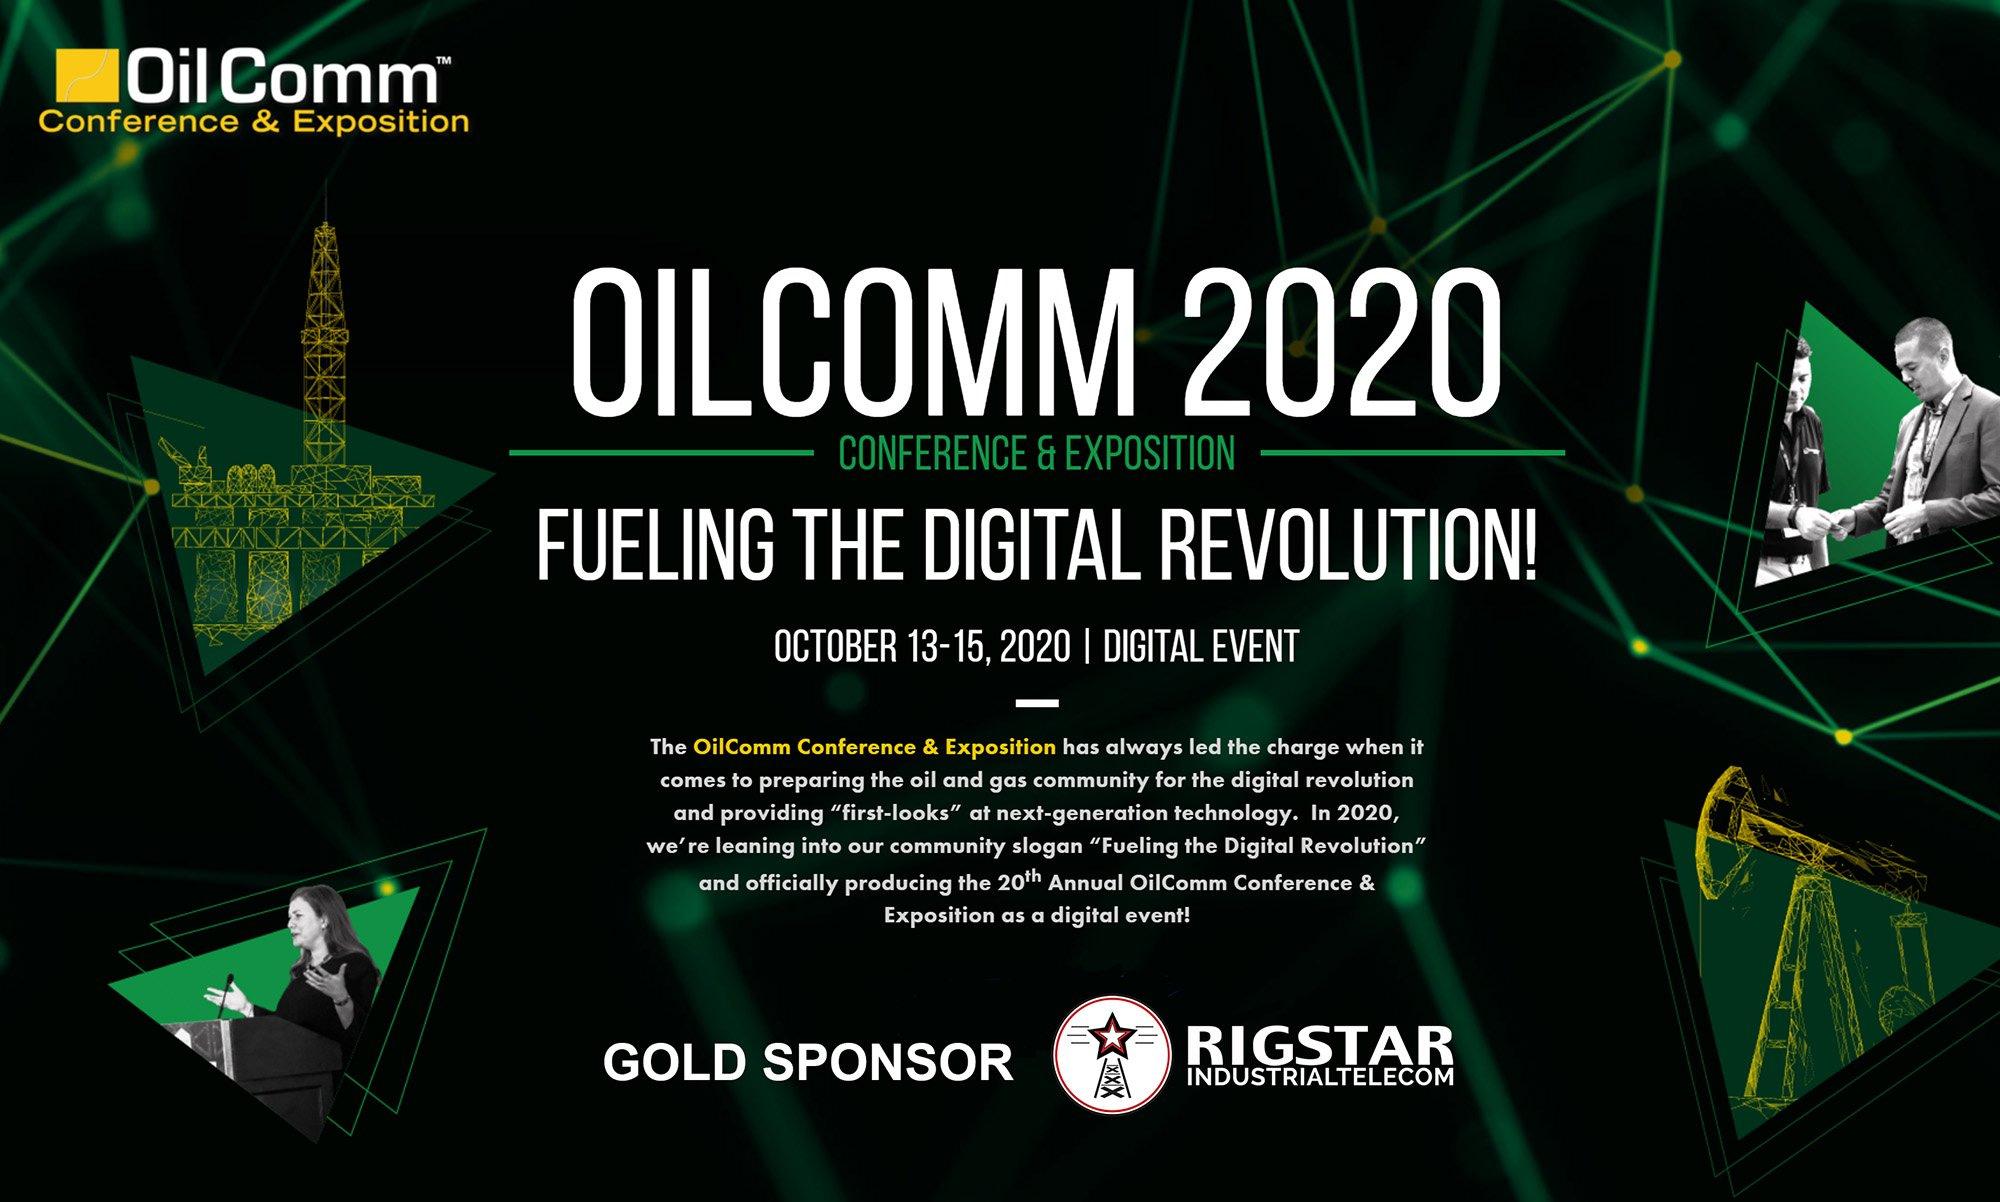 RIT_OilComm-2020_Main-Image_v1-1